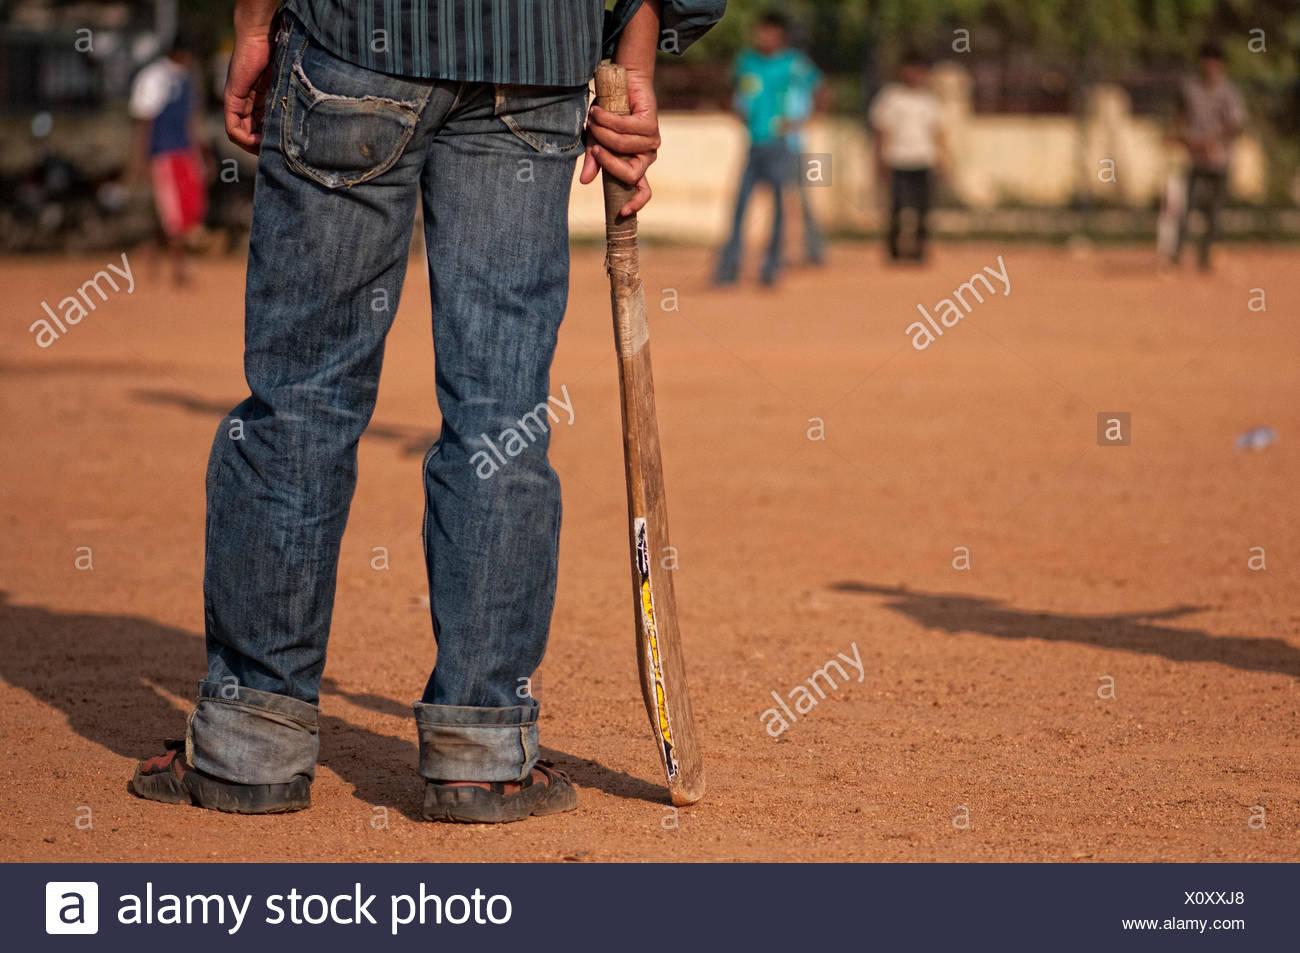 Indian ragazzi giocare a cricket presso la scuola cricket ground in Teynampet, Chennai, India. Immagini Stock